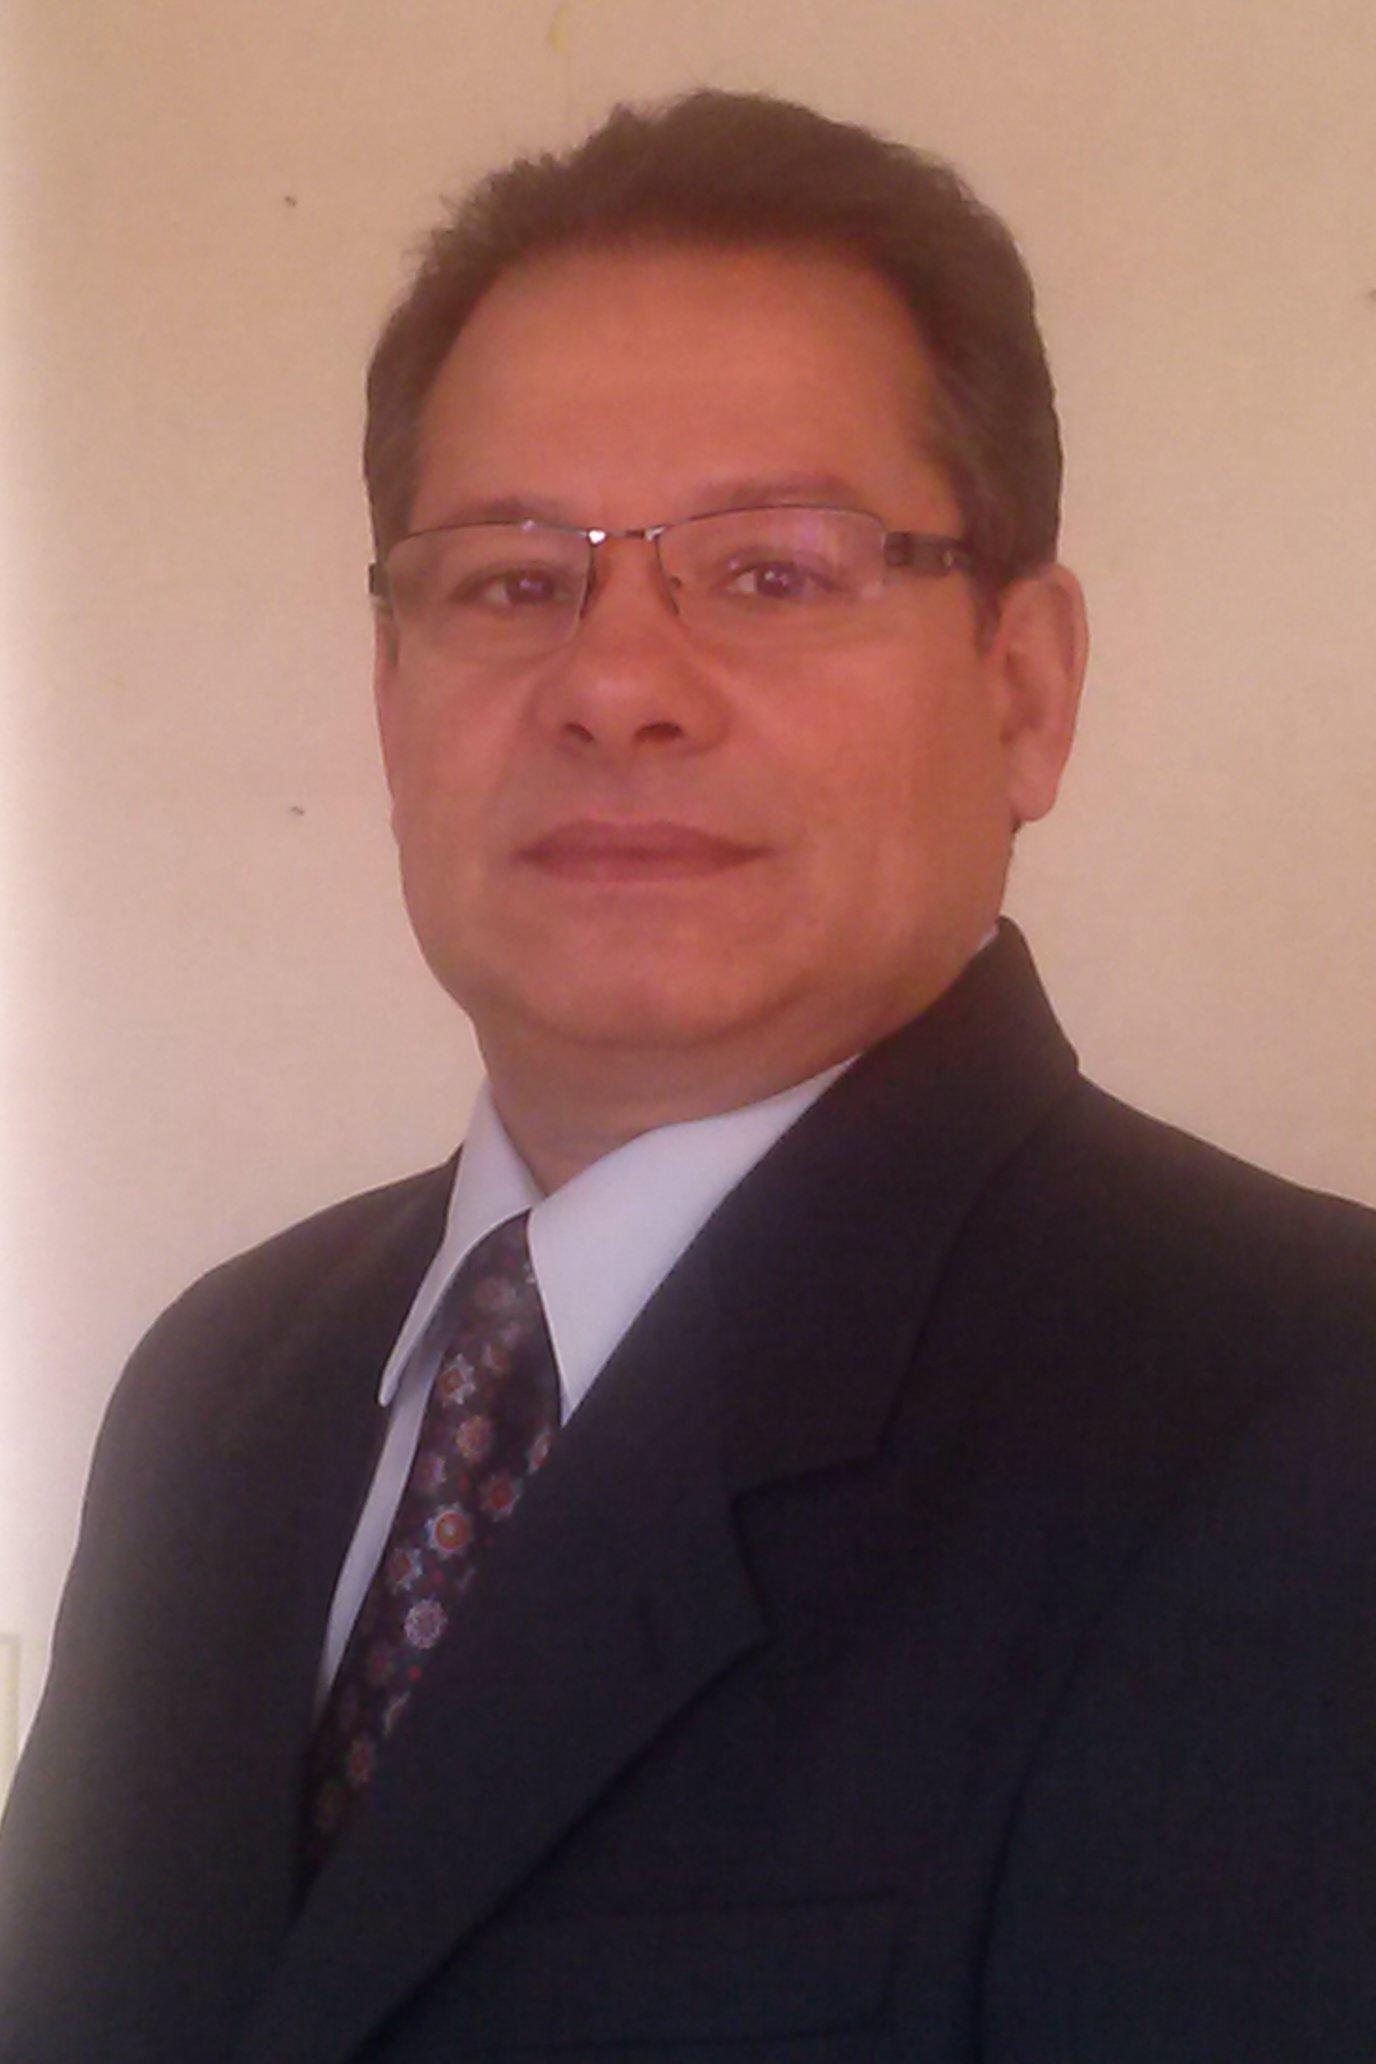 Aluno Pedro Araujo Giacommetti